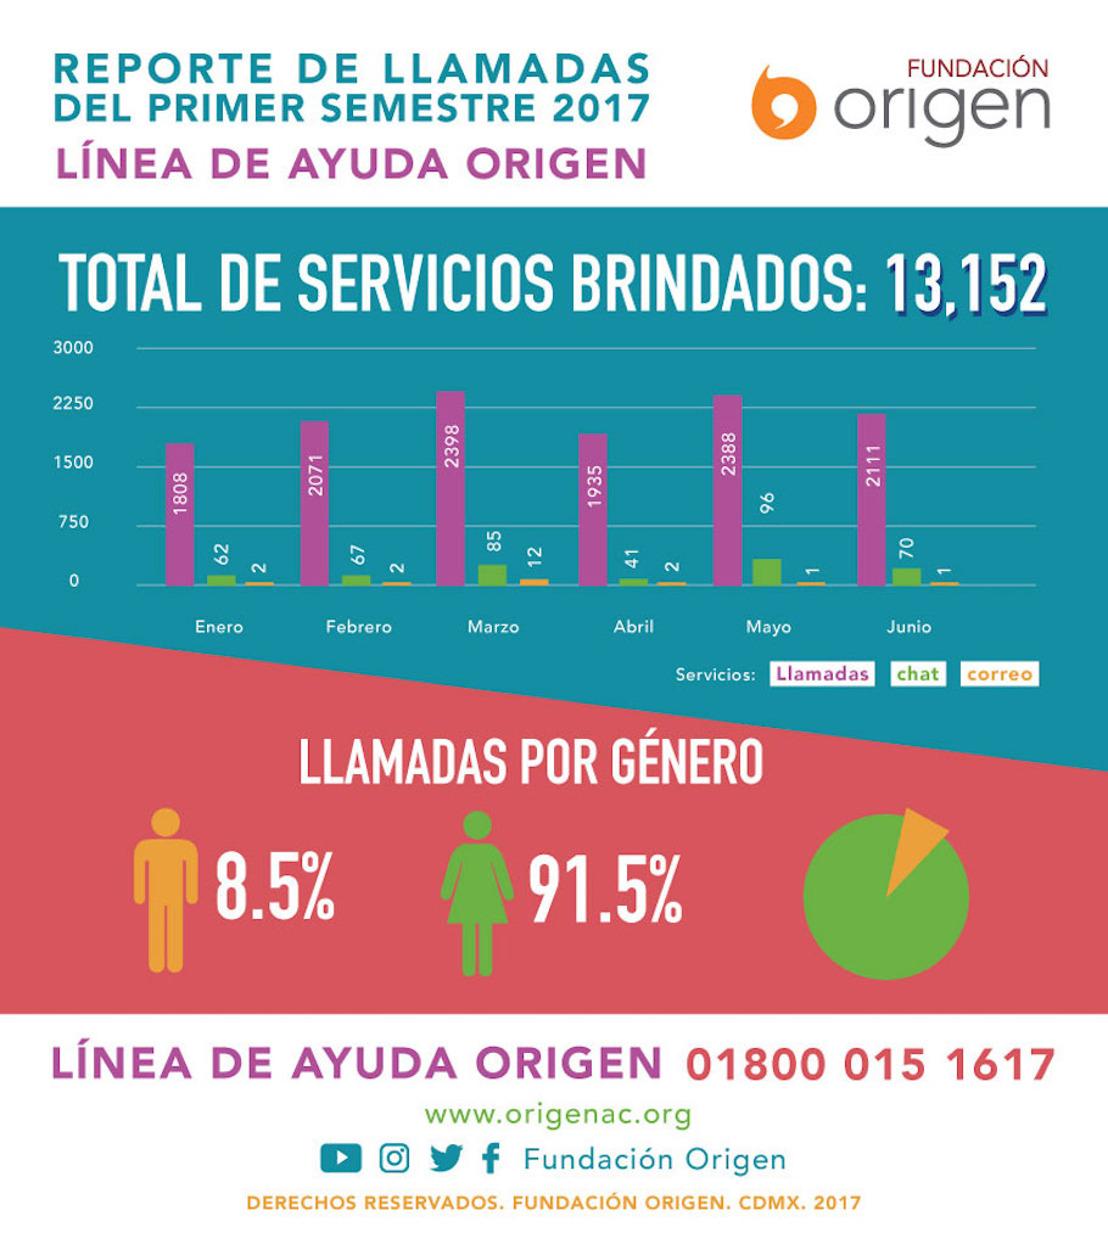 Fundación Origen presenta su reporte de llamadas a la Línea de Ayuda Origen en el primer semestre 2017